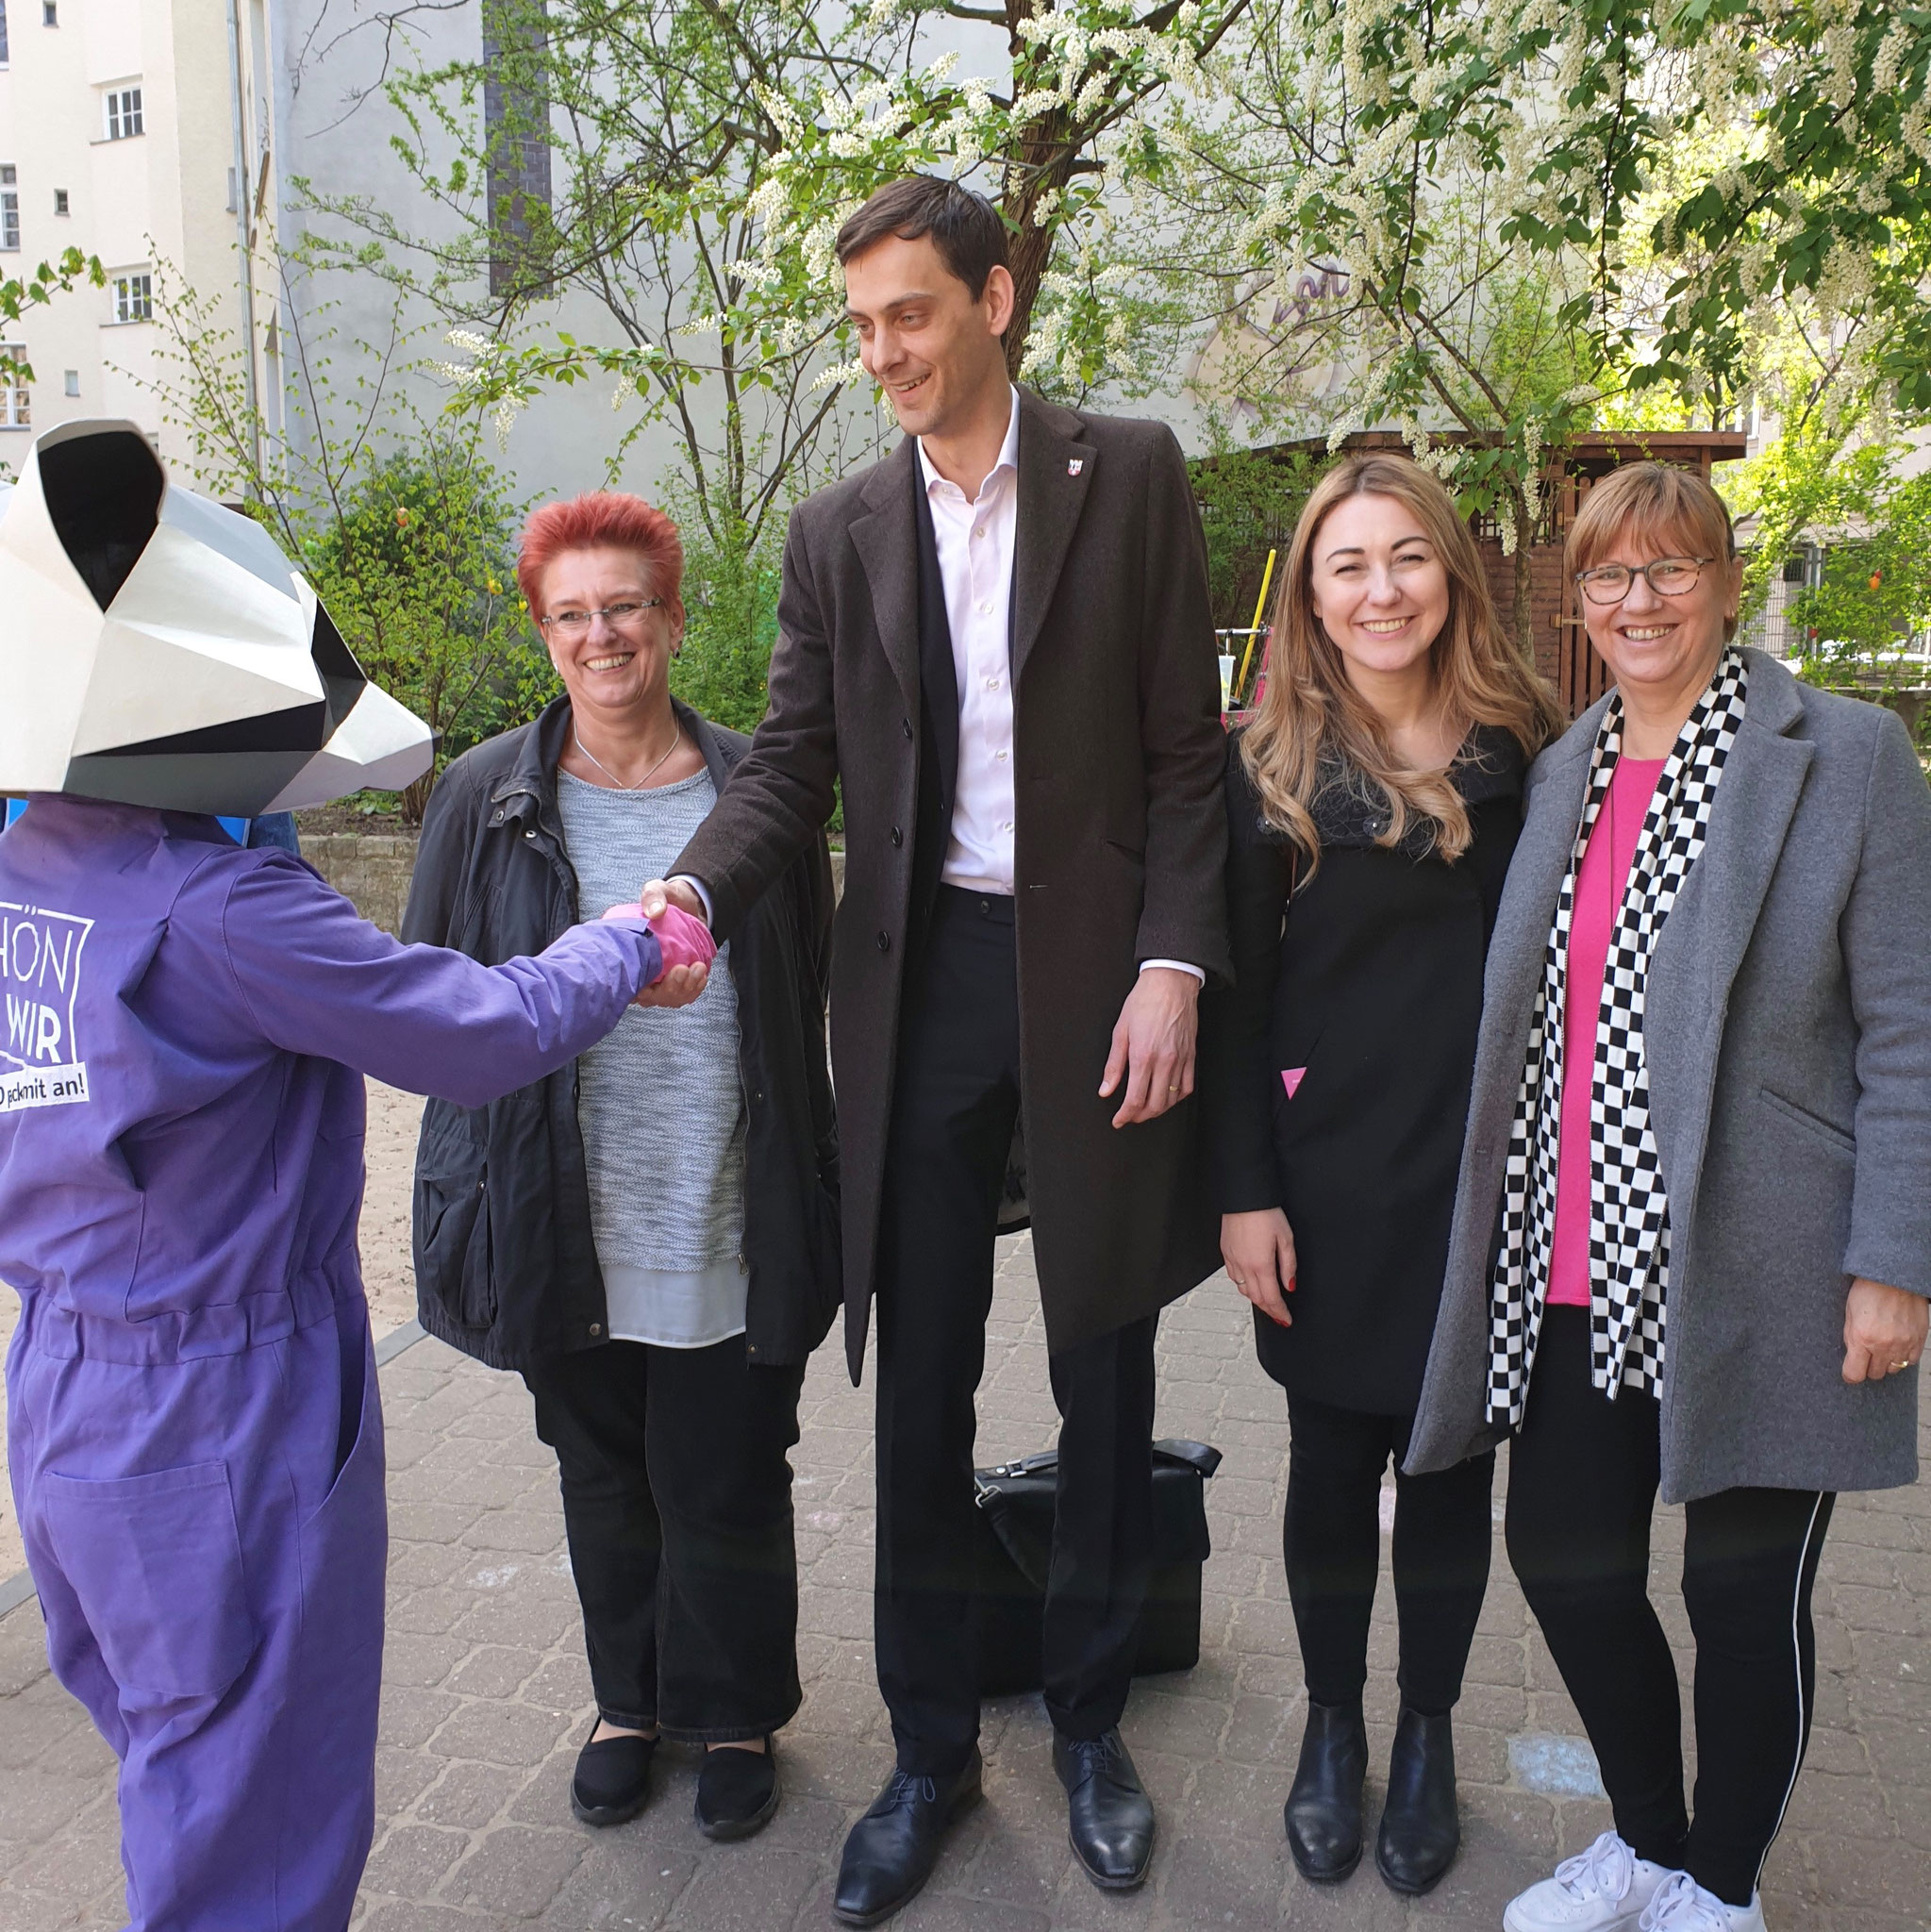 Maskottchen Lilo, Kitaleiterin Martina Valjevcic, Bezirksbürgermeister Martin Hikel, Emina Huskić (BA Neukölln) & Fachberaterin Ute Bayram